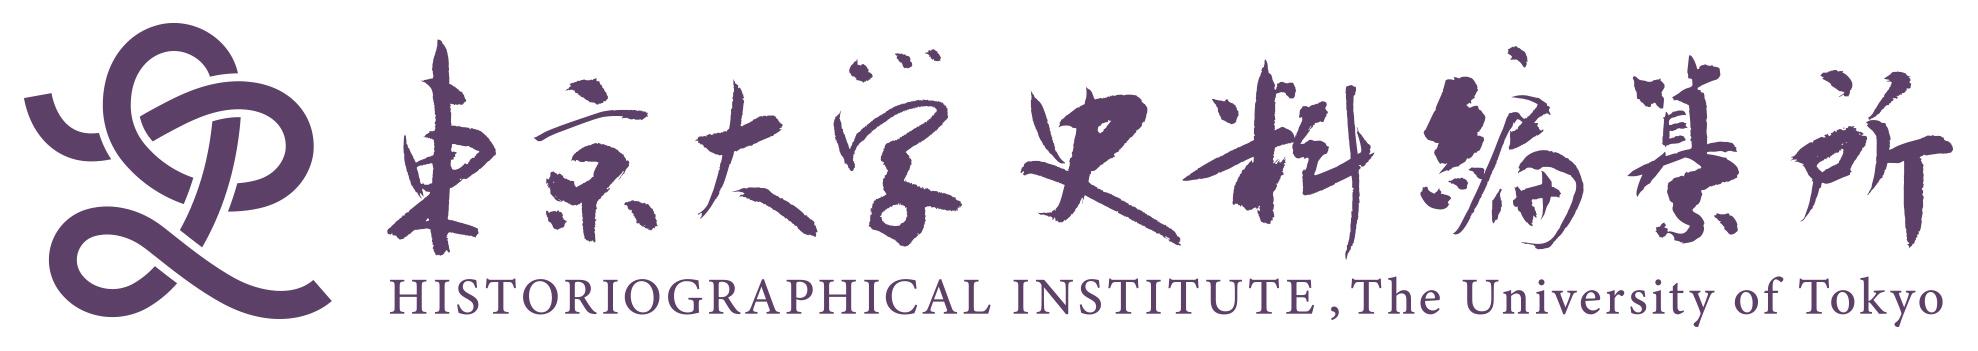 東京大学史料編纂所 Historiographical Institute The University of Tokyo